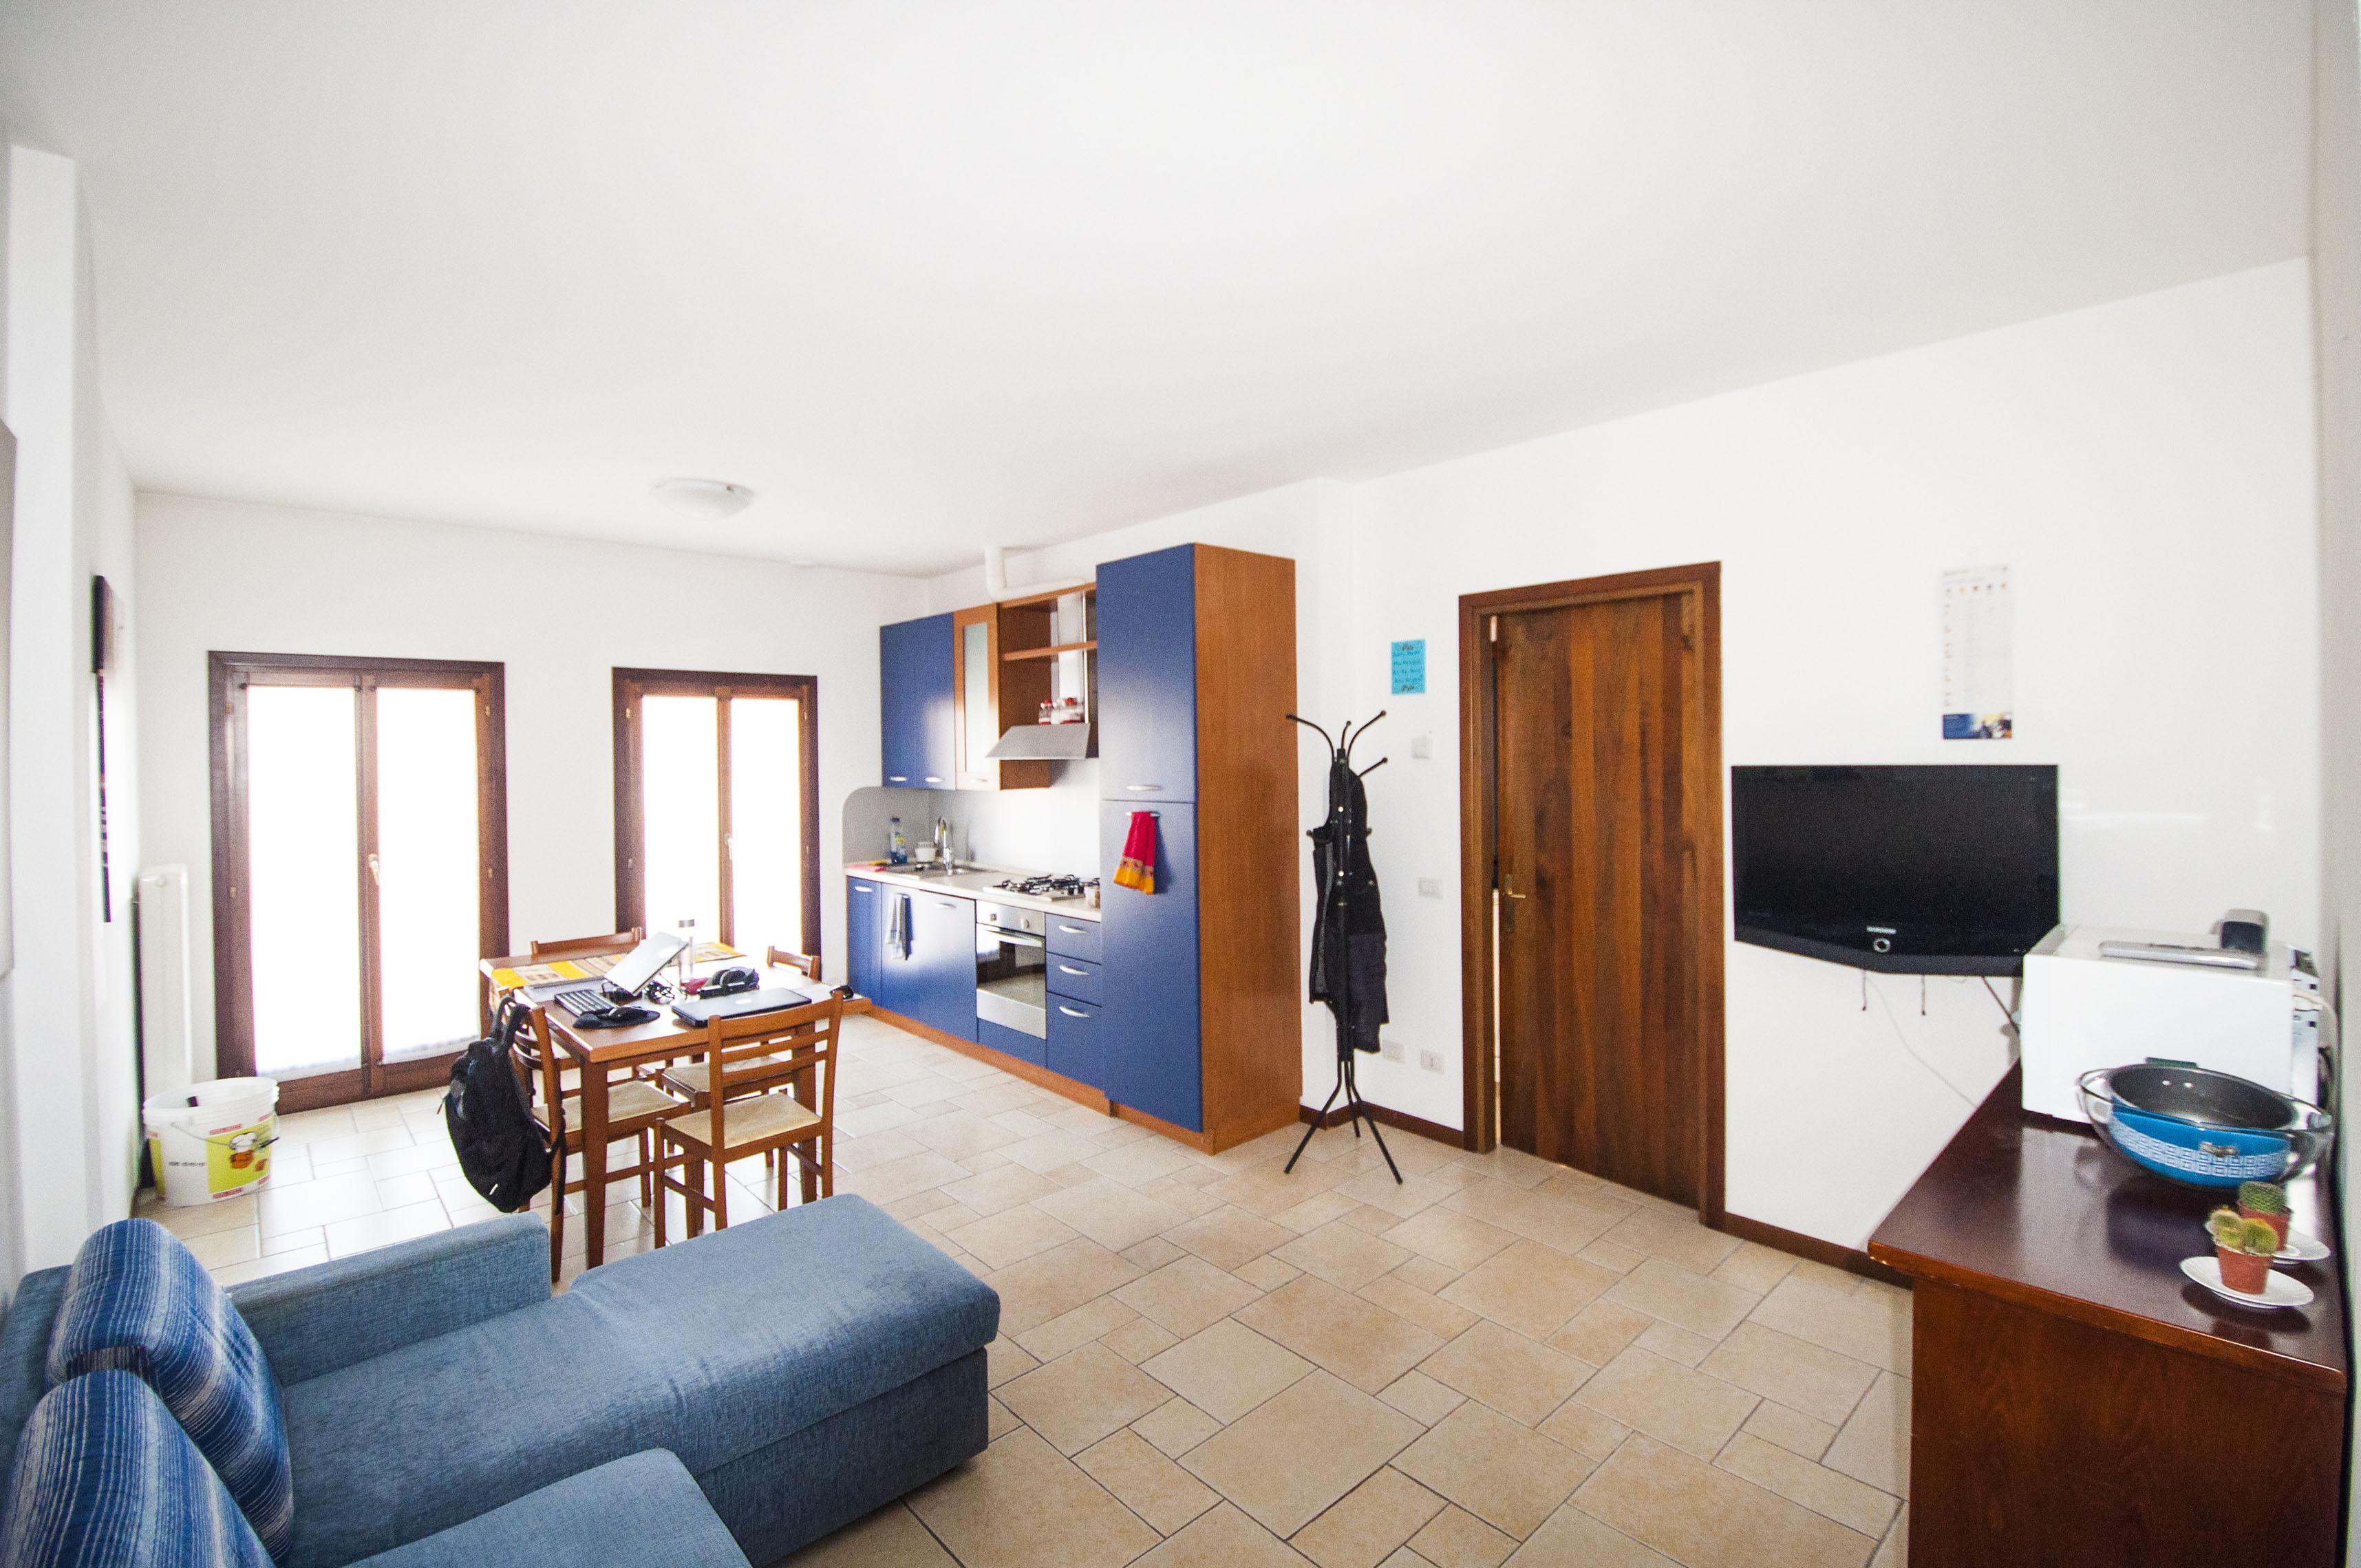 Camere-in-affitto-Villorba-Treviso-Ospedale-Stazione-Studio-Architettura-Zanatta_05